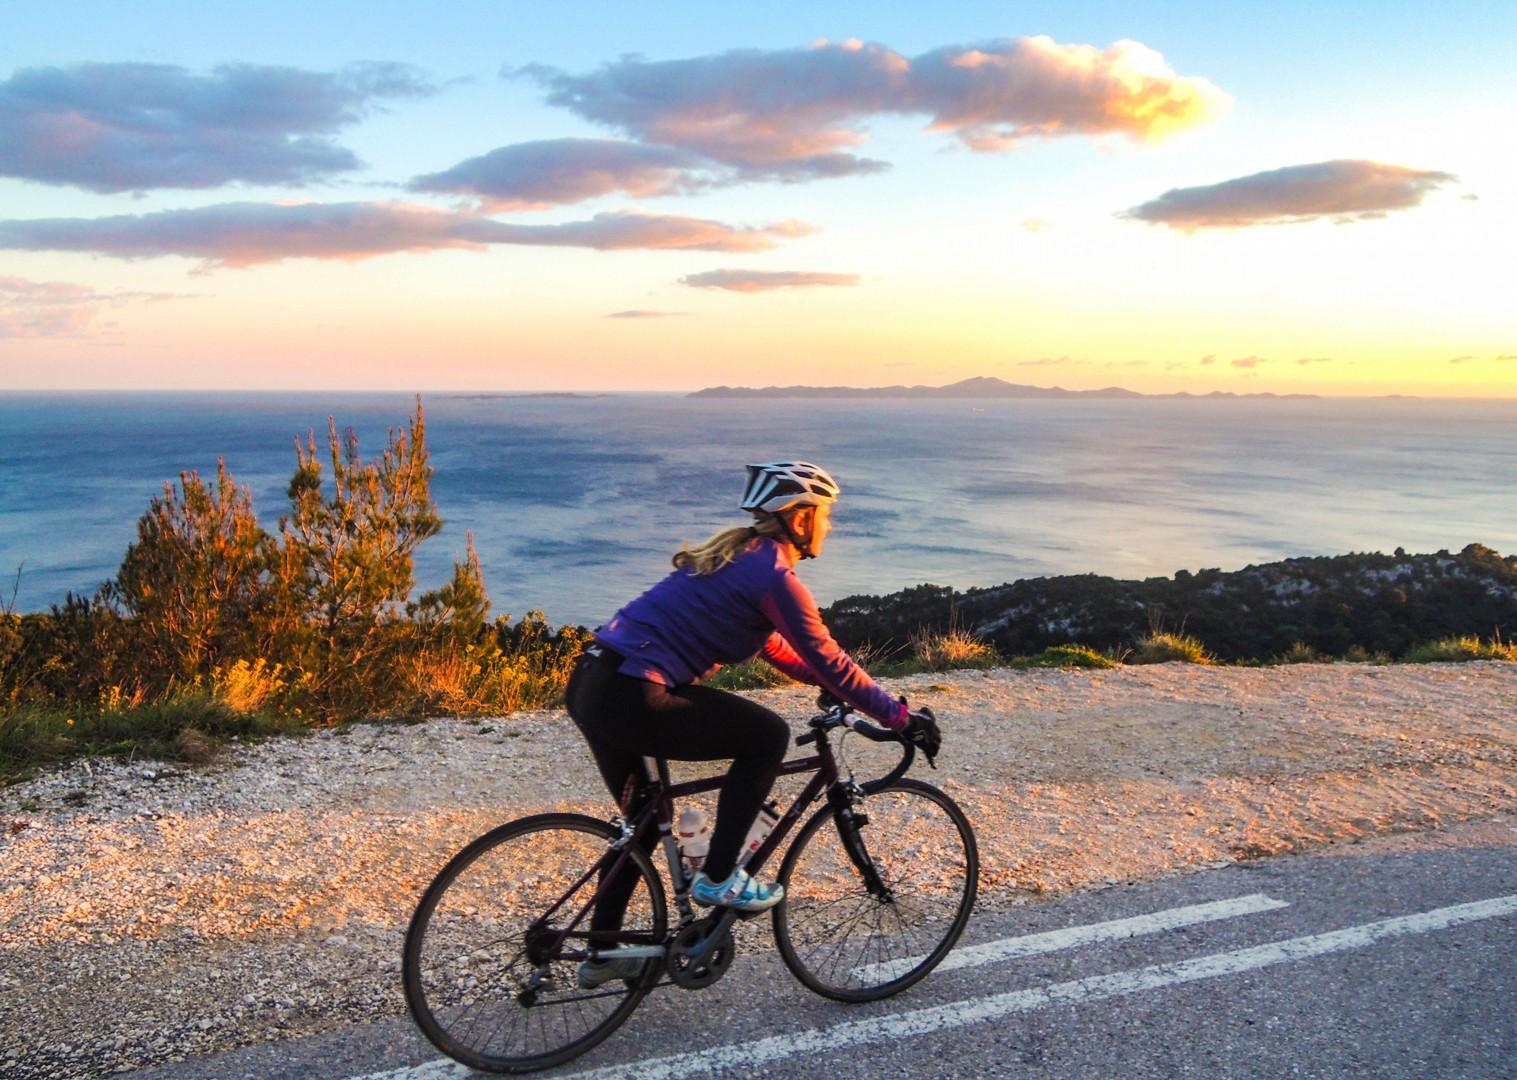 cycling-guided-road-holiday-saddle-skedaddle-slovenia-and-croatia.jpg - Slovenia & Croatia - Julian Alps & Istria - Guided Road Cycling Holiday - Road Cycling